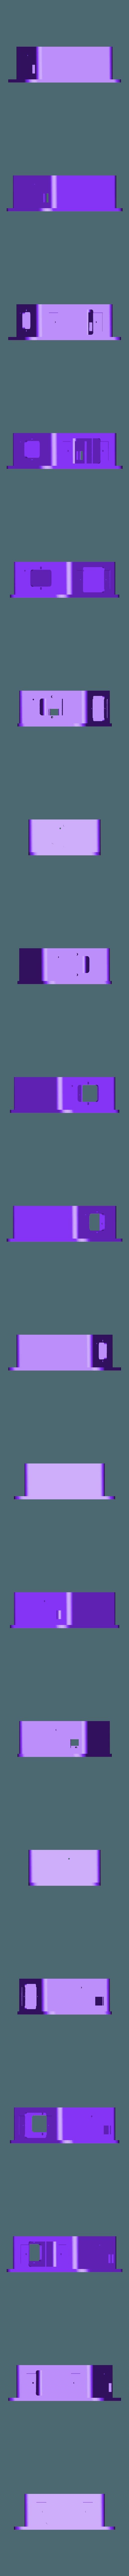 makerbot-off-box.STL Télécharger fichier STL gratuit Minuterie d'alimentation pour imprimante 3d • Design pour imprimante 3D, Nessun_Dorma